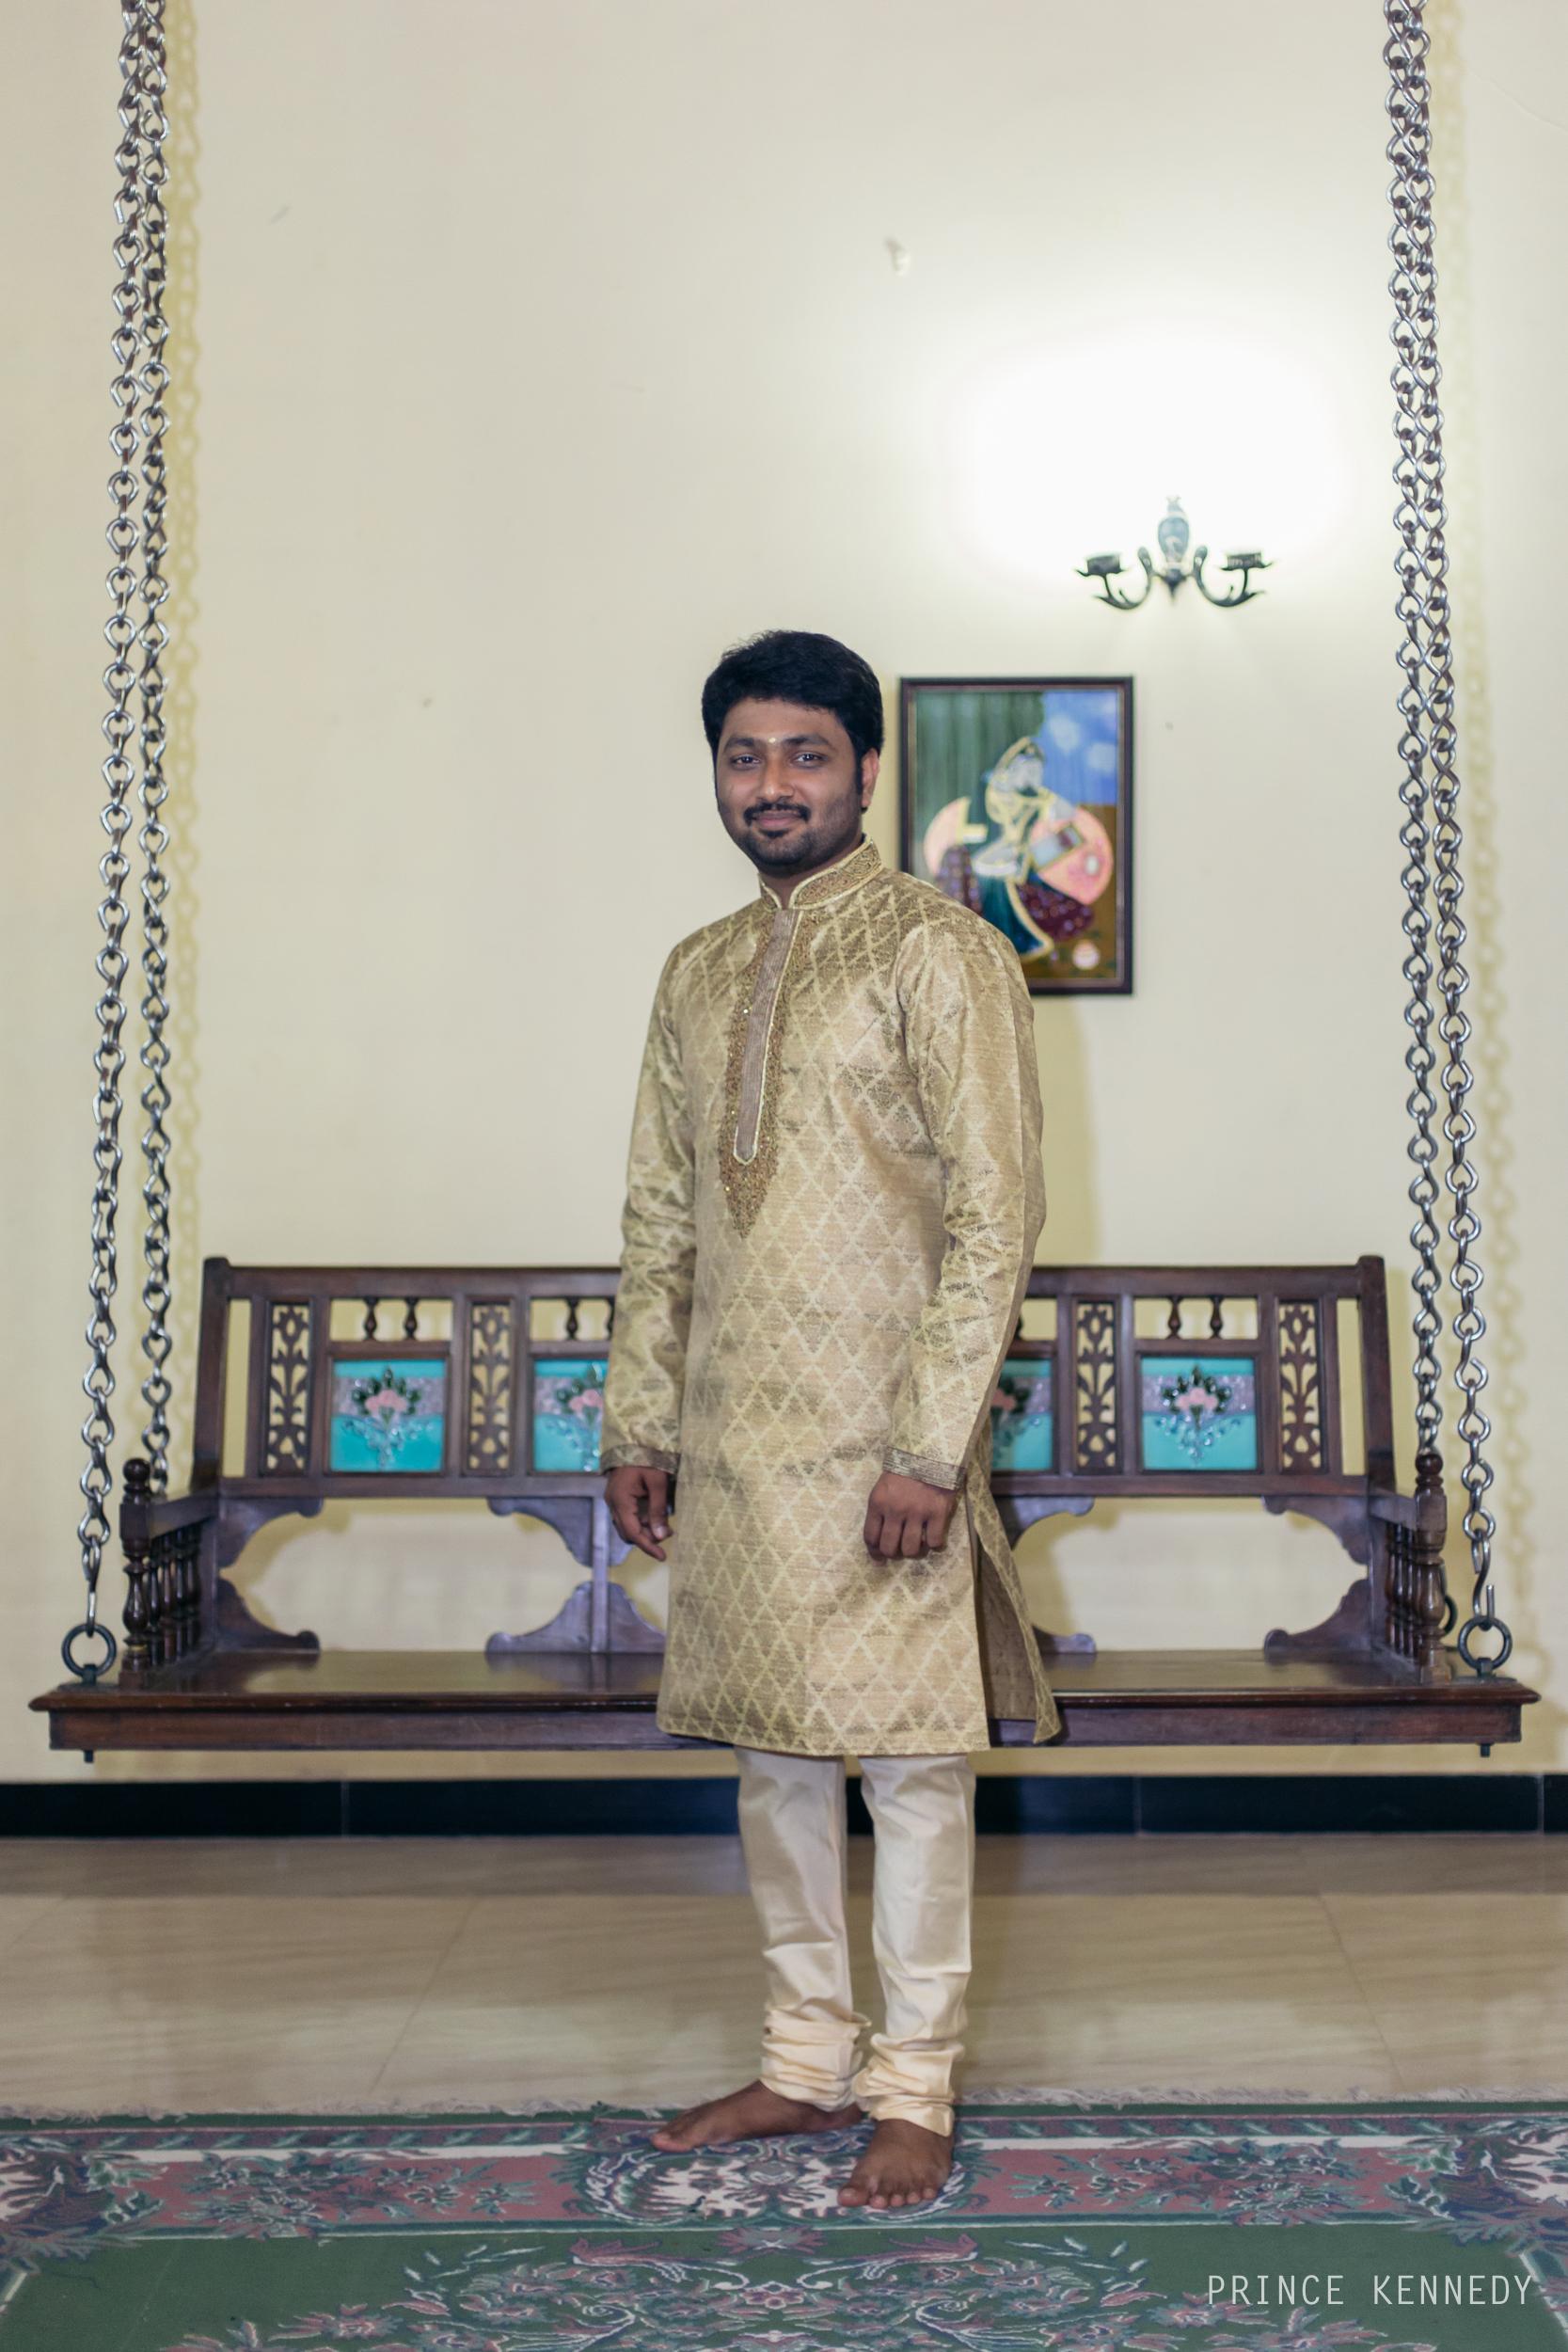 Engagement-Couple-Portrait-Portraiture-Wedding-Couple-Portrait-Chennai-Photographer-Candid-Photography-Destination-Best-Prince-Kennedy-Photography-190.jpg